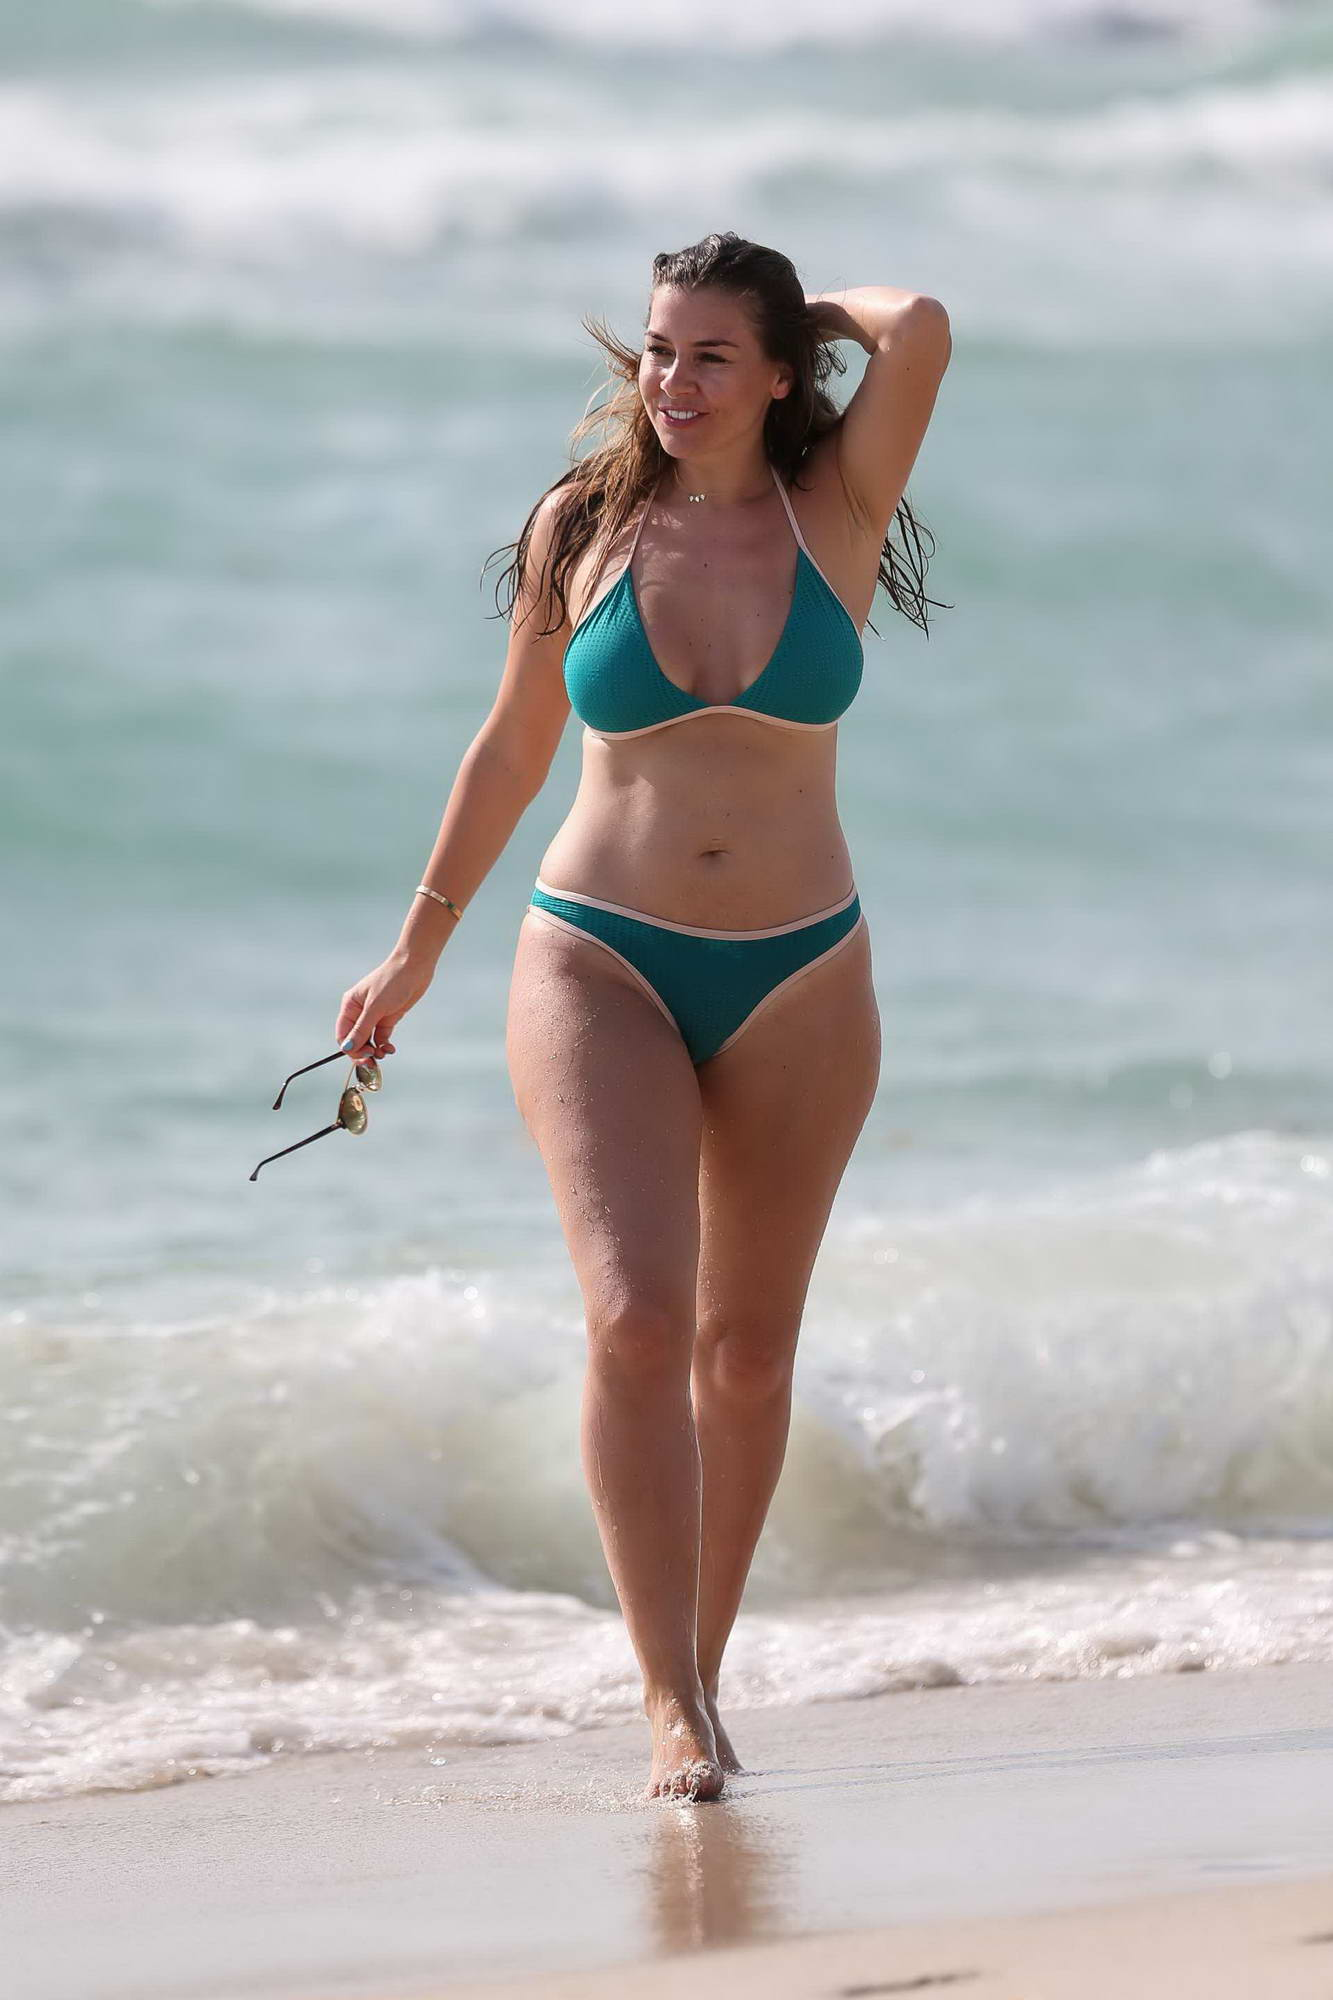 Kathryn thomas bikini pictures — img 9